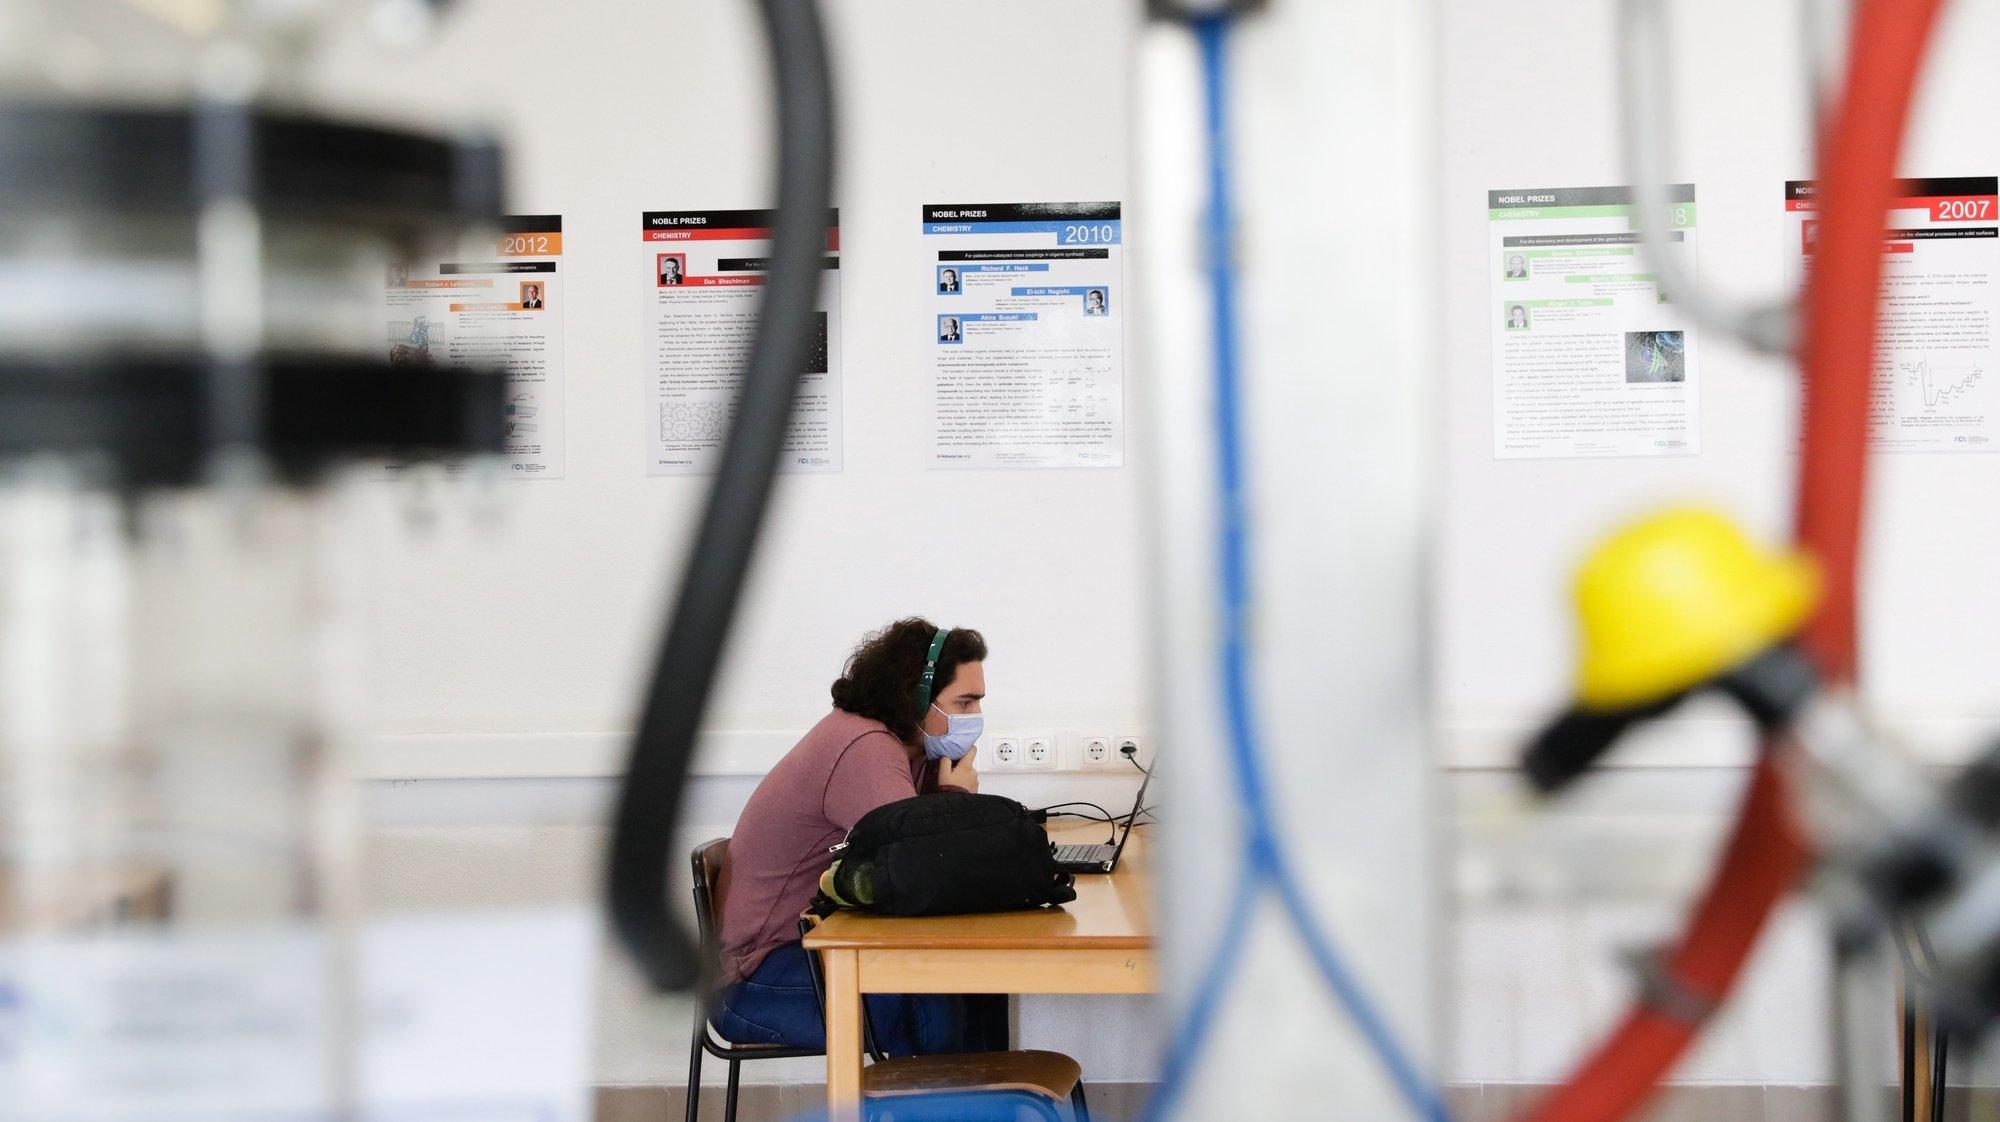 Uma aluna estuda numa das salas da Faculdade de Ciências e Tecnologia da Universidade Nova, após o reinício das aulas presenciais no Monte da Caparica, em Almada, 14 de maio de 2020. (ACOMPANHA TEXTO DA LUSA DE 16 DE MAIO DE 2020). TIAGO PETINGA/LUSA